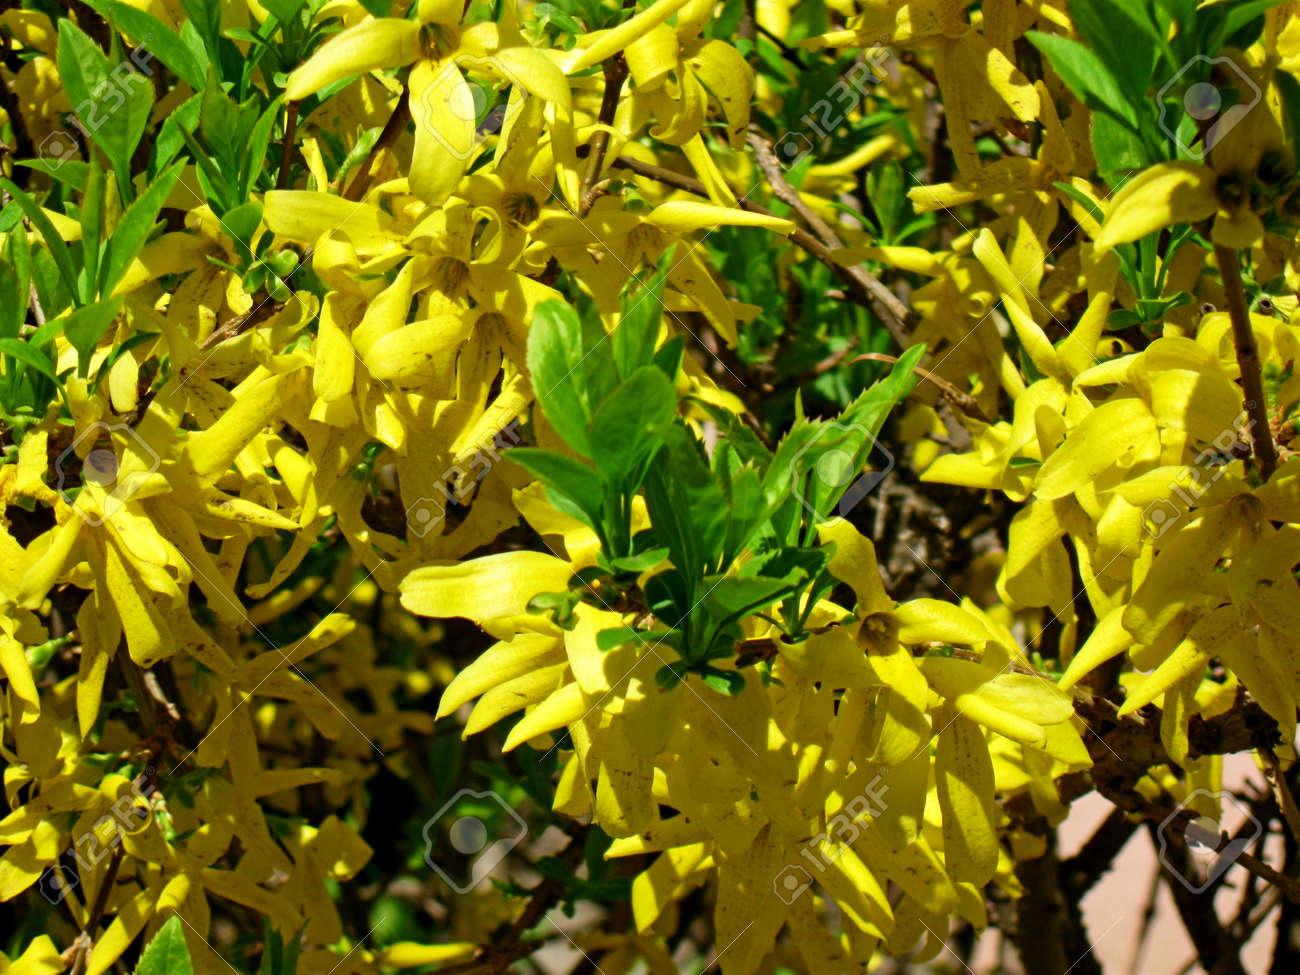 Arbusto A Fiori Gialli arbusto da fiore - pioggia dorata. molti fiori gialli vibranti, poca  profondità di campo.